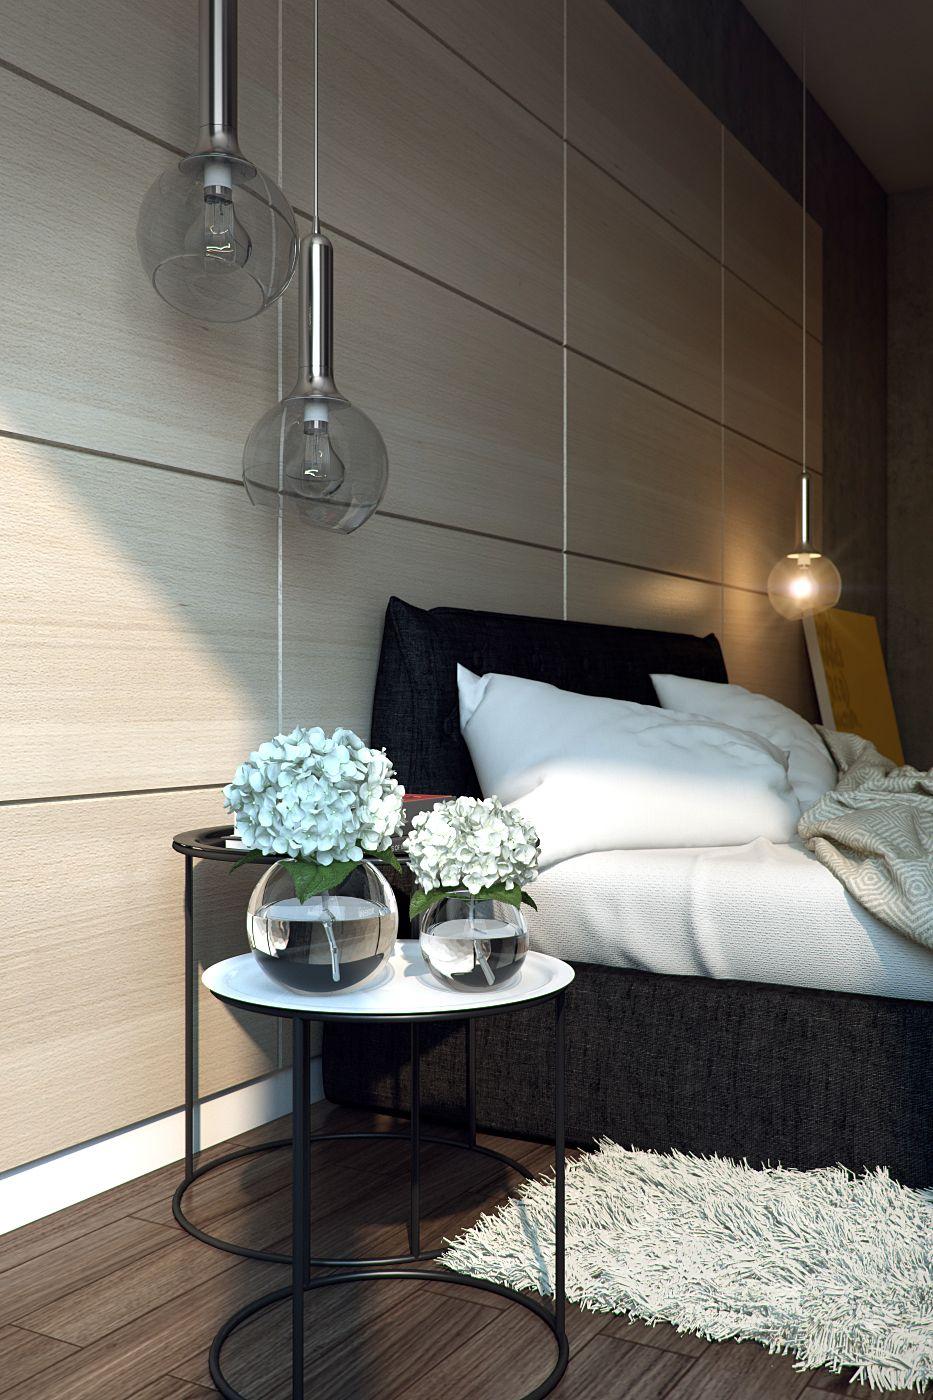 Bedroom on Behance   Bedroom, Zen design, Home decor